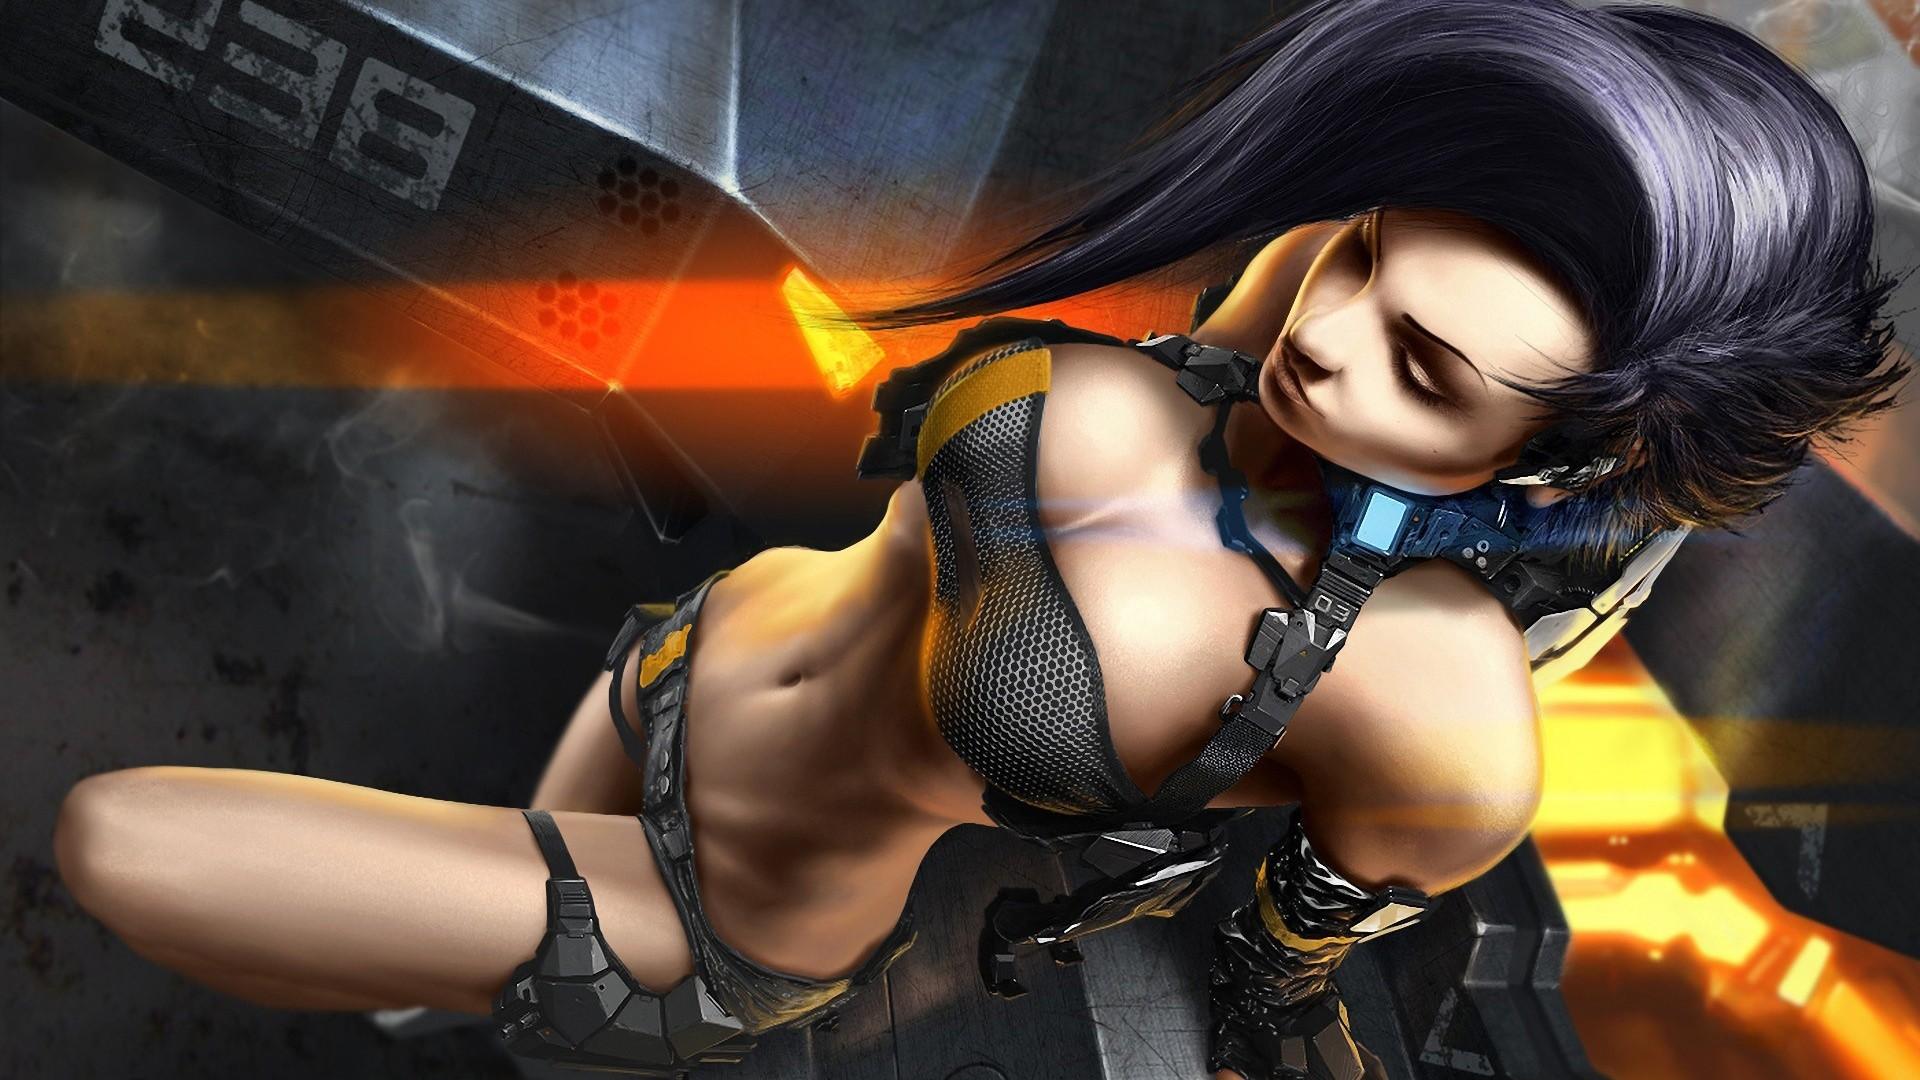 Lara croft vs monster alien 3gp nude tube